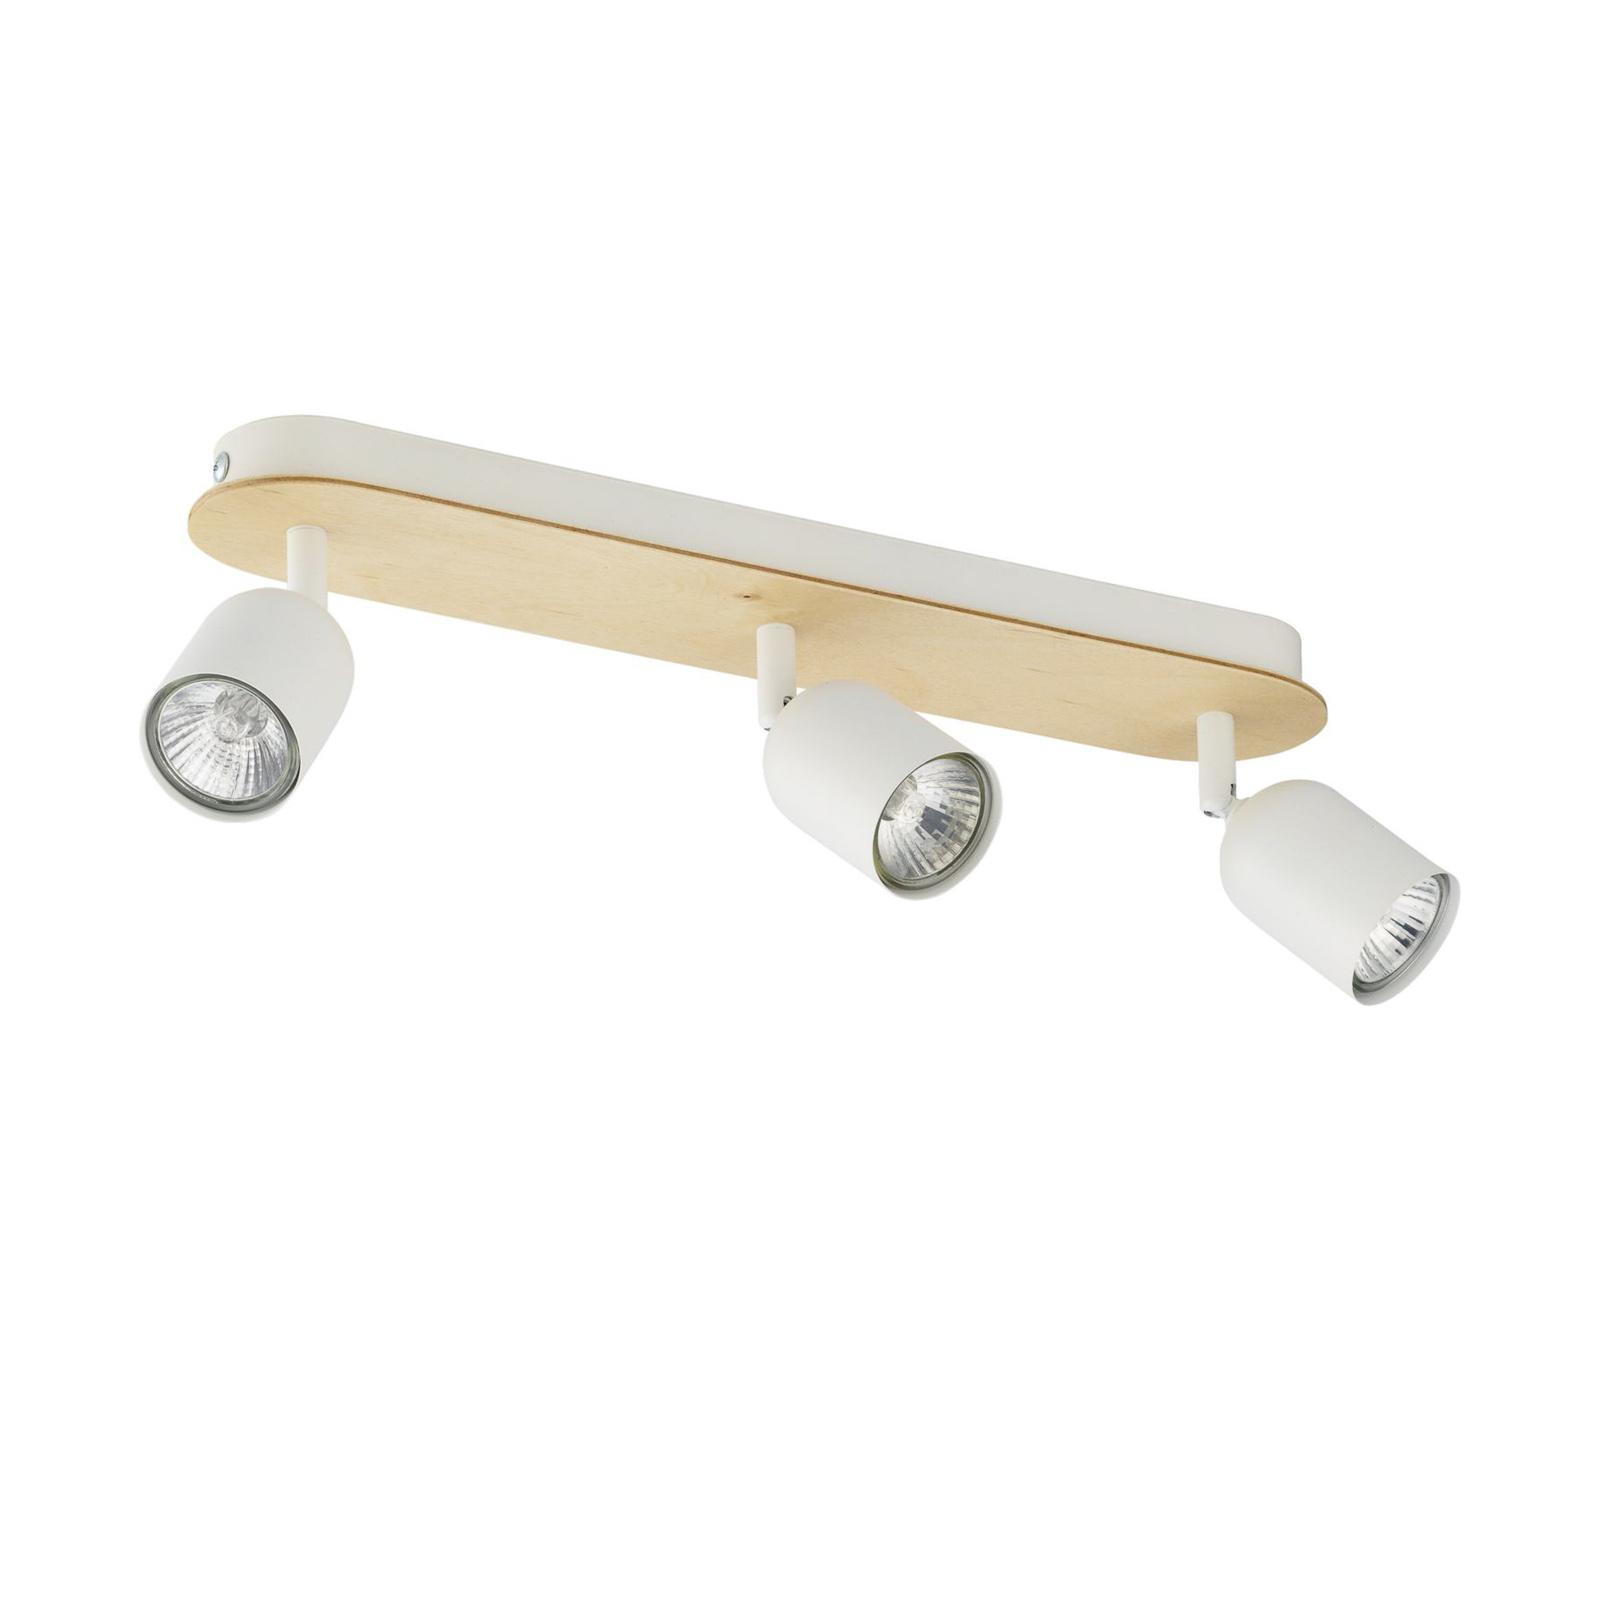 Plafonnier à spots Top Wood, 3 lampes, bois/blanc